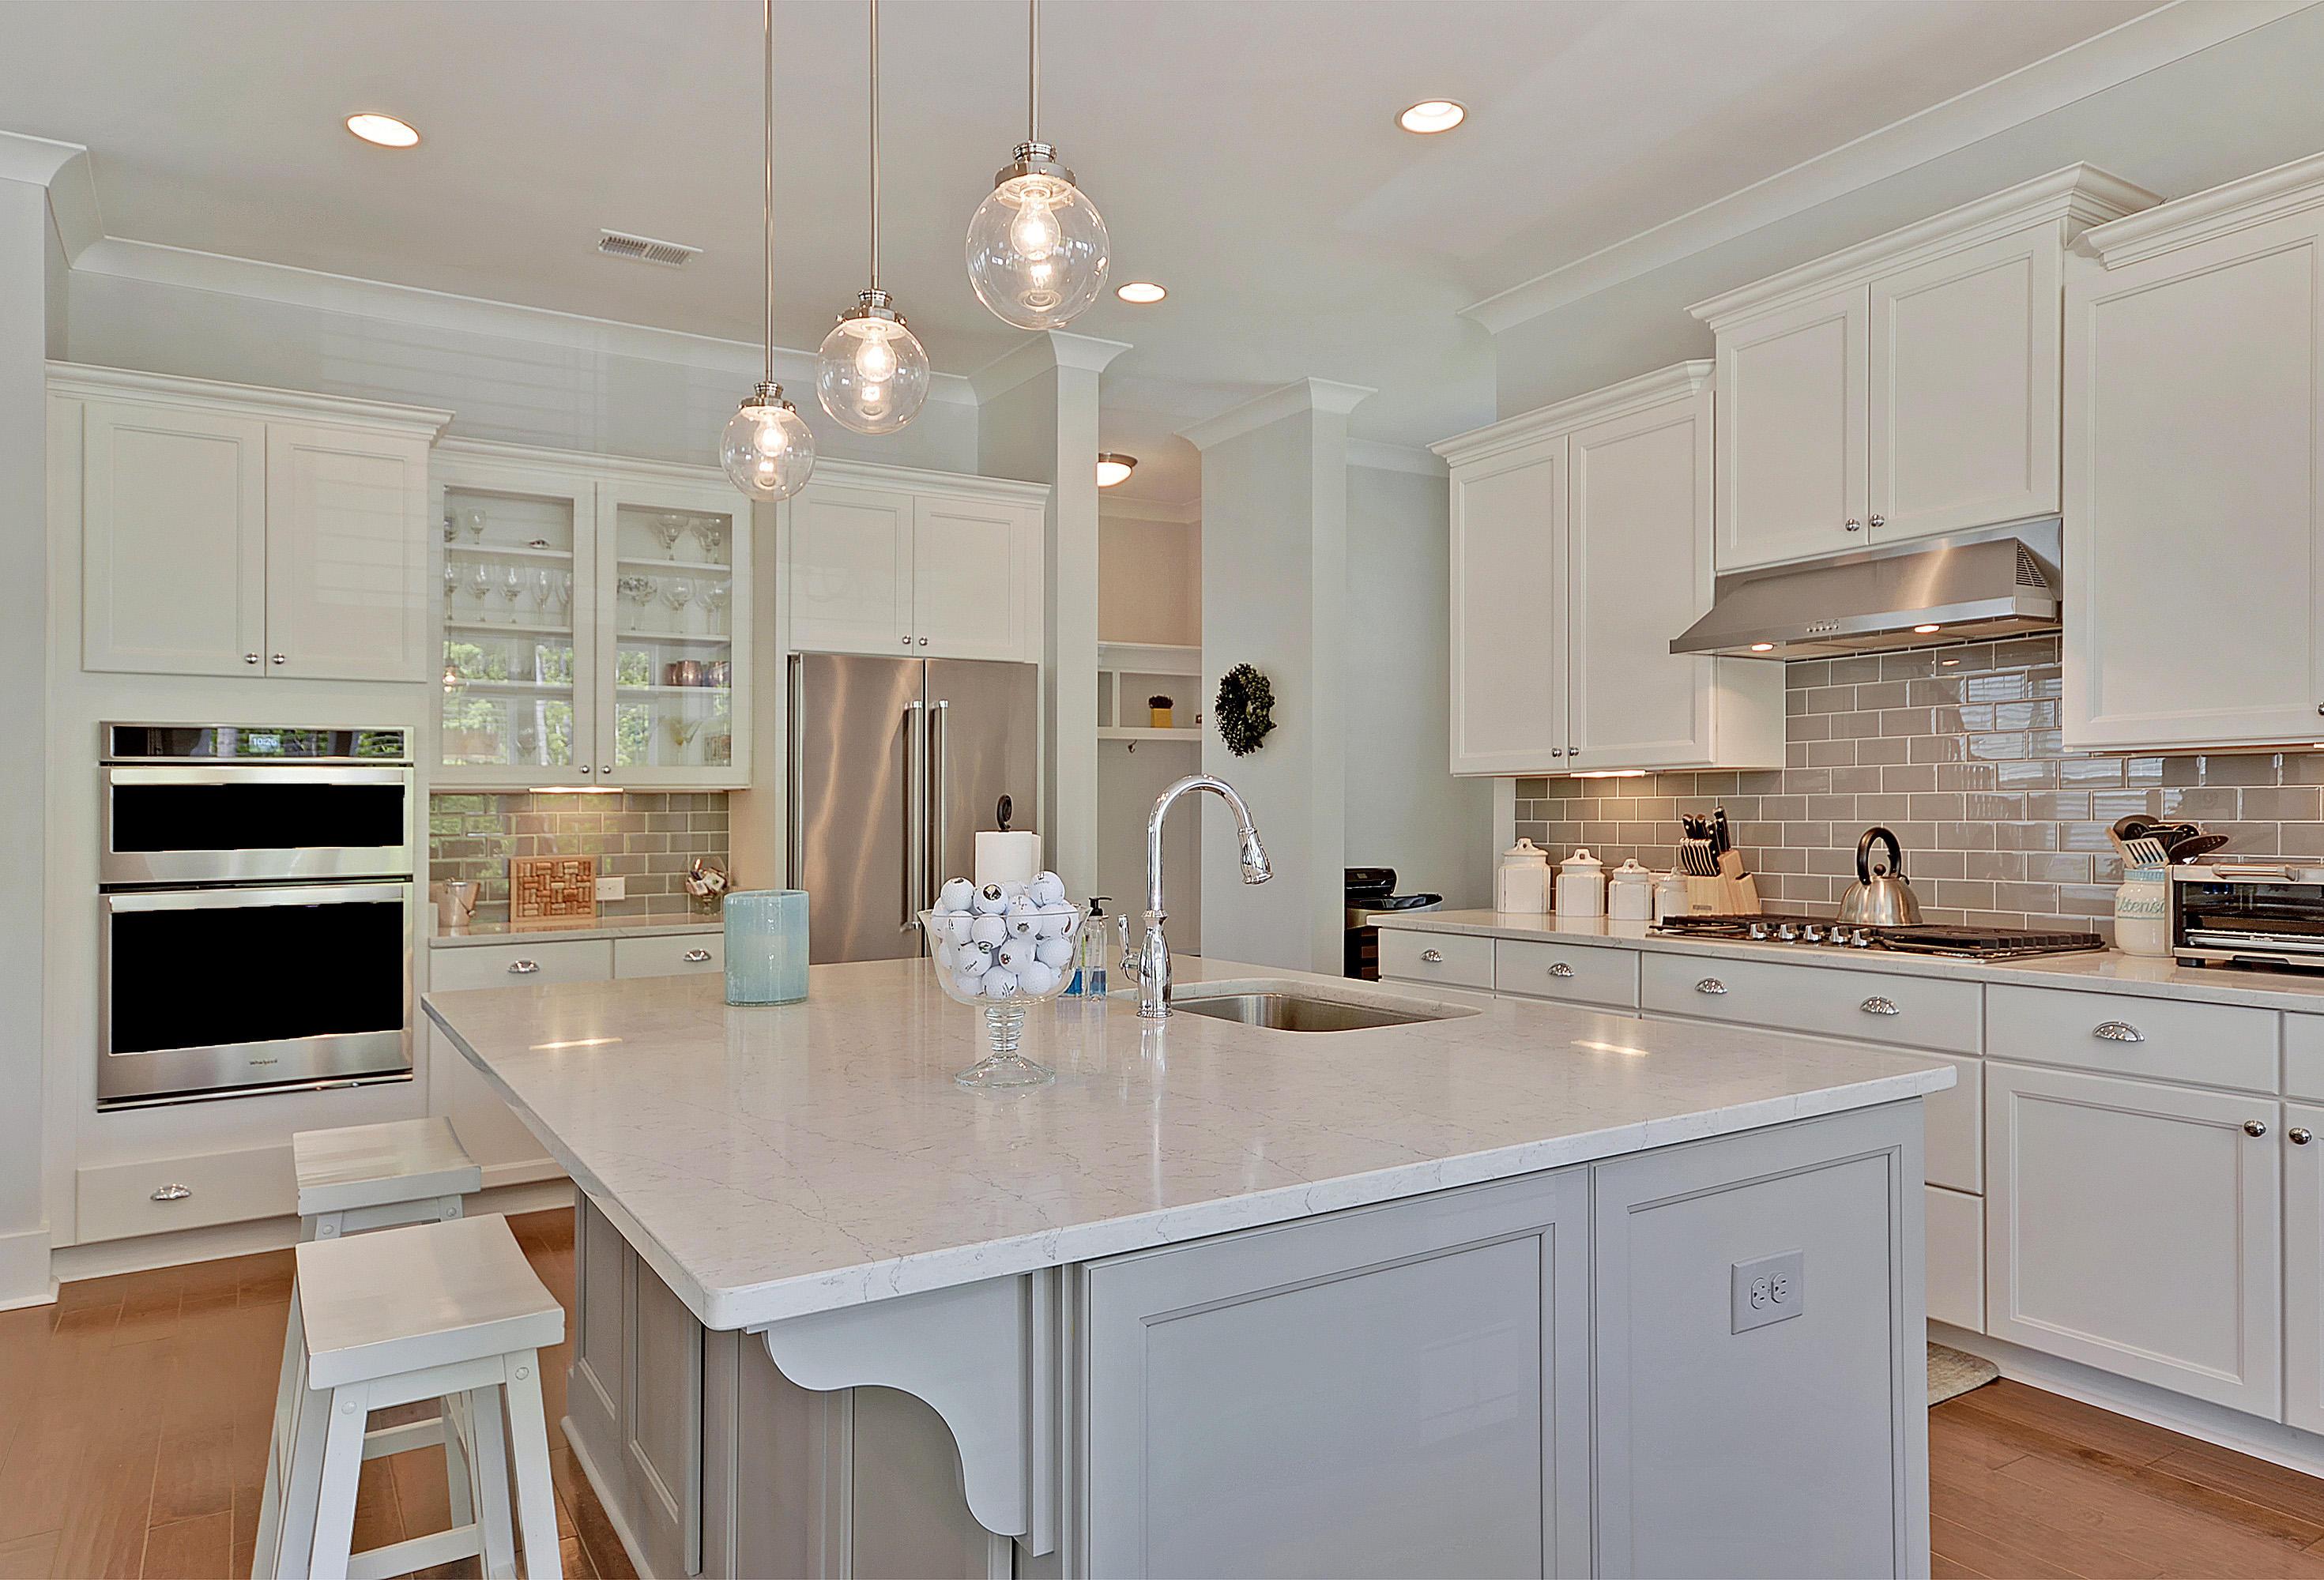 Dunes West Homes For Sale - 2927 Eddy, Mount Pleasant, SC - 23